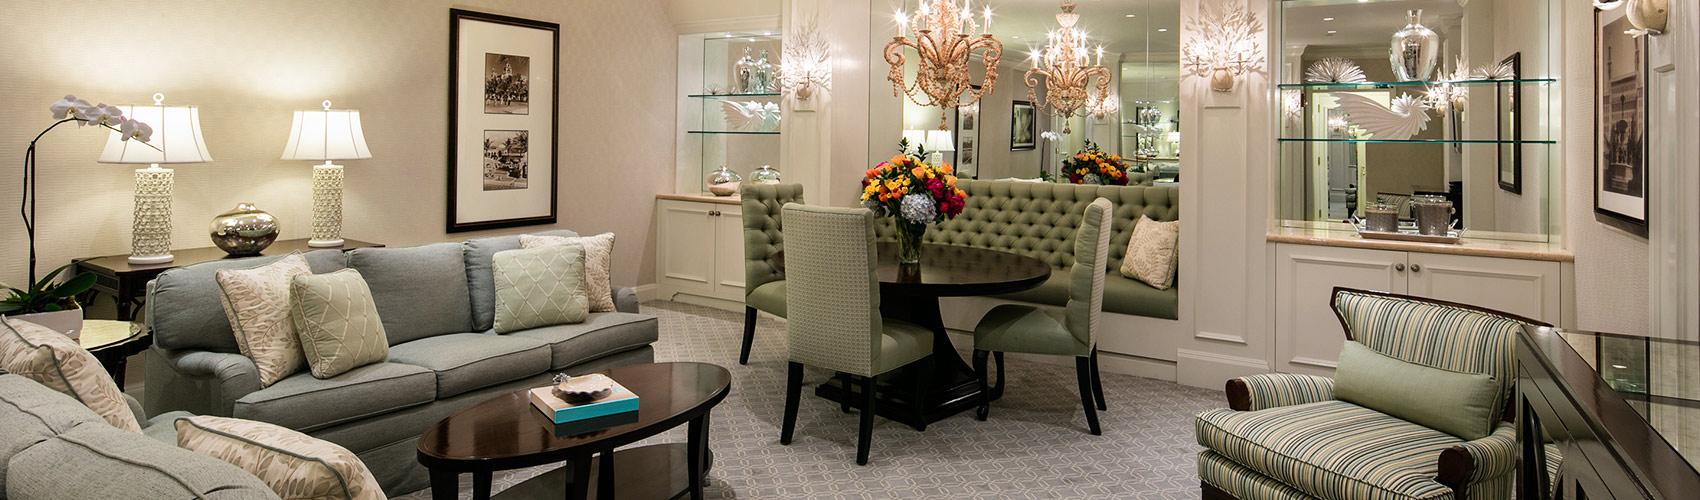 Executive Suite sitting area